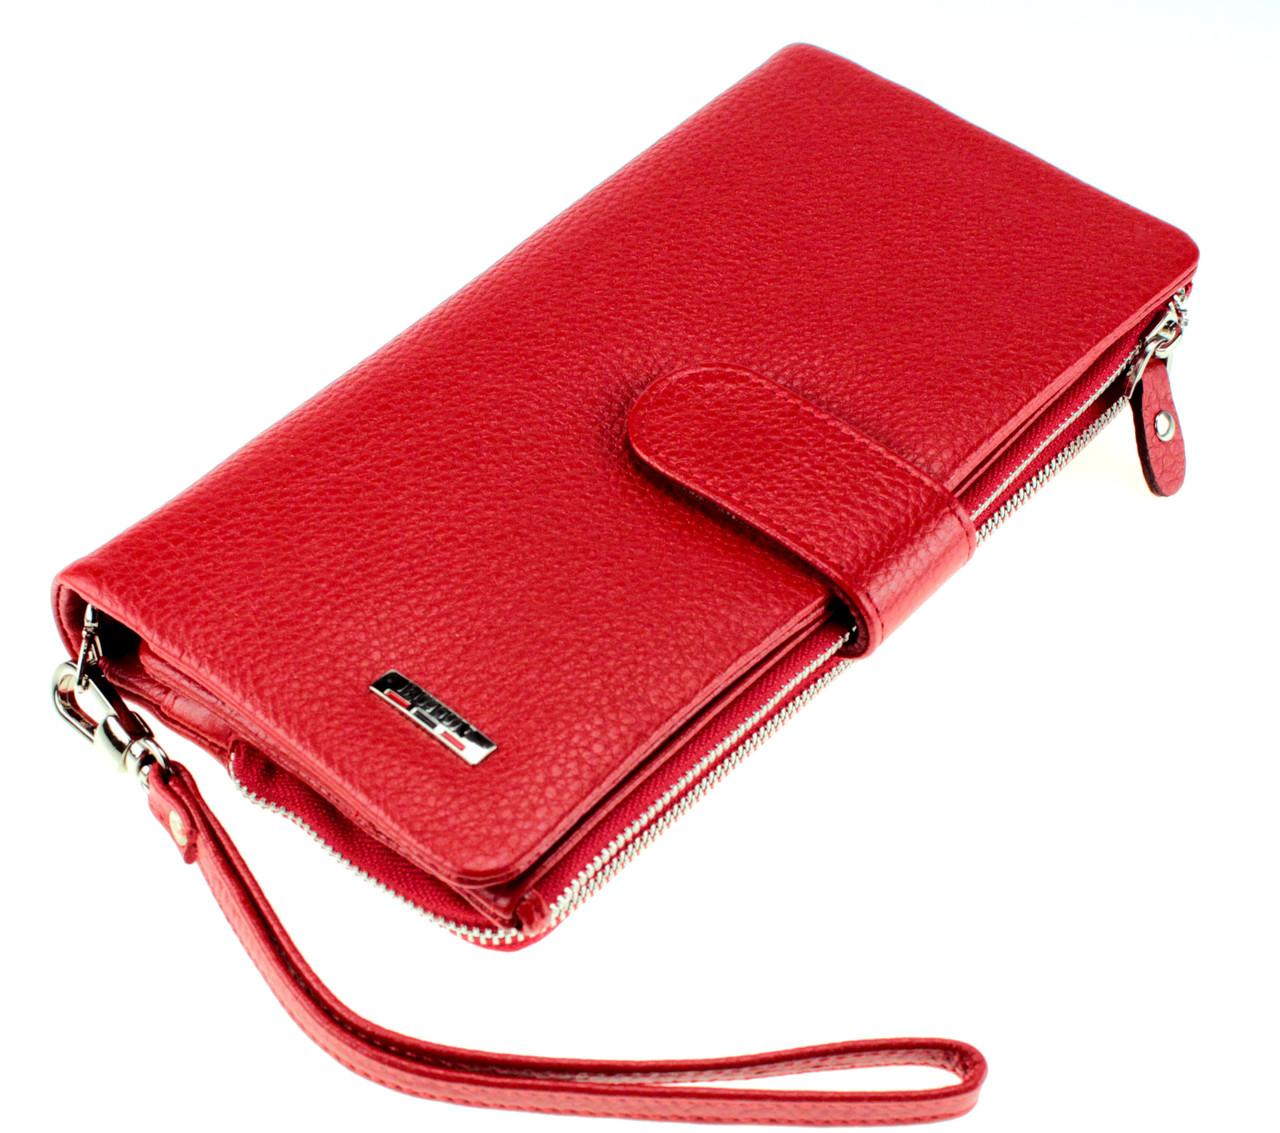 Женский кошелек клатч кожаный красный BUTUN 022-004-006